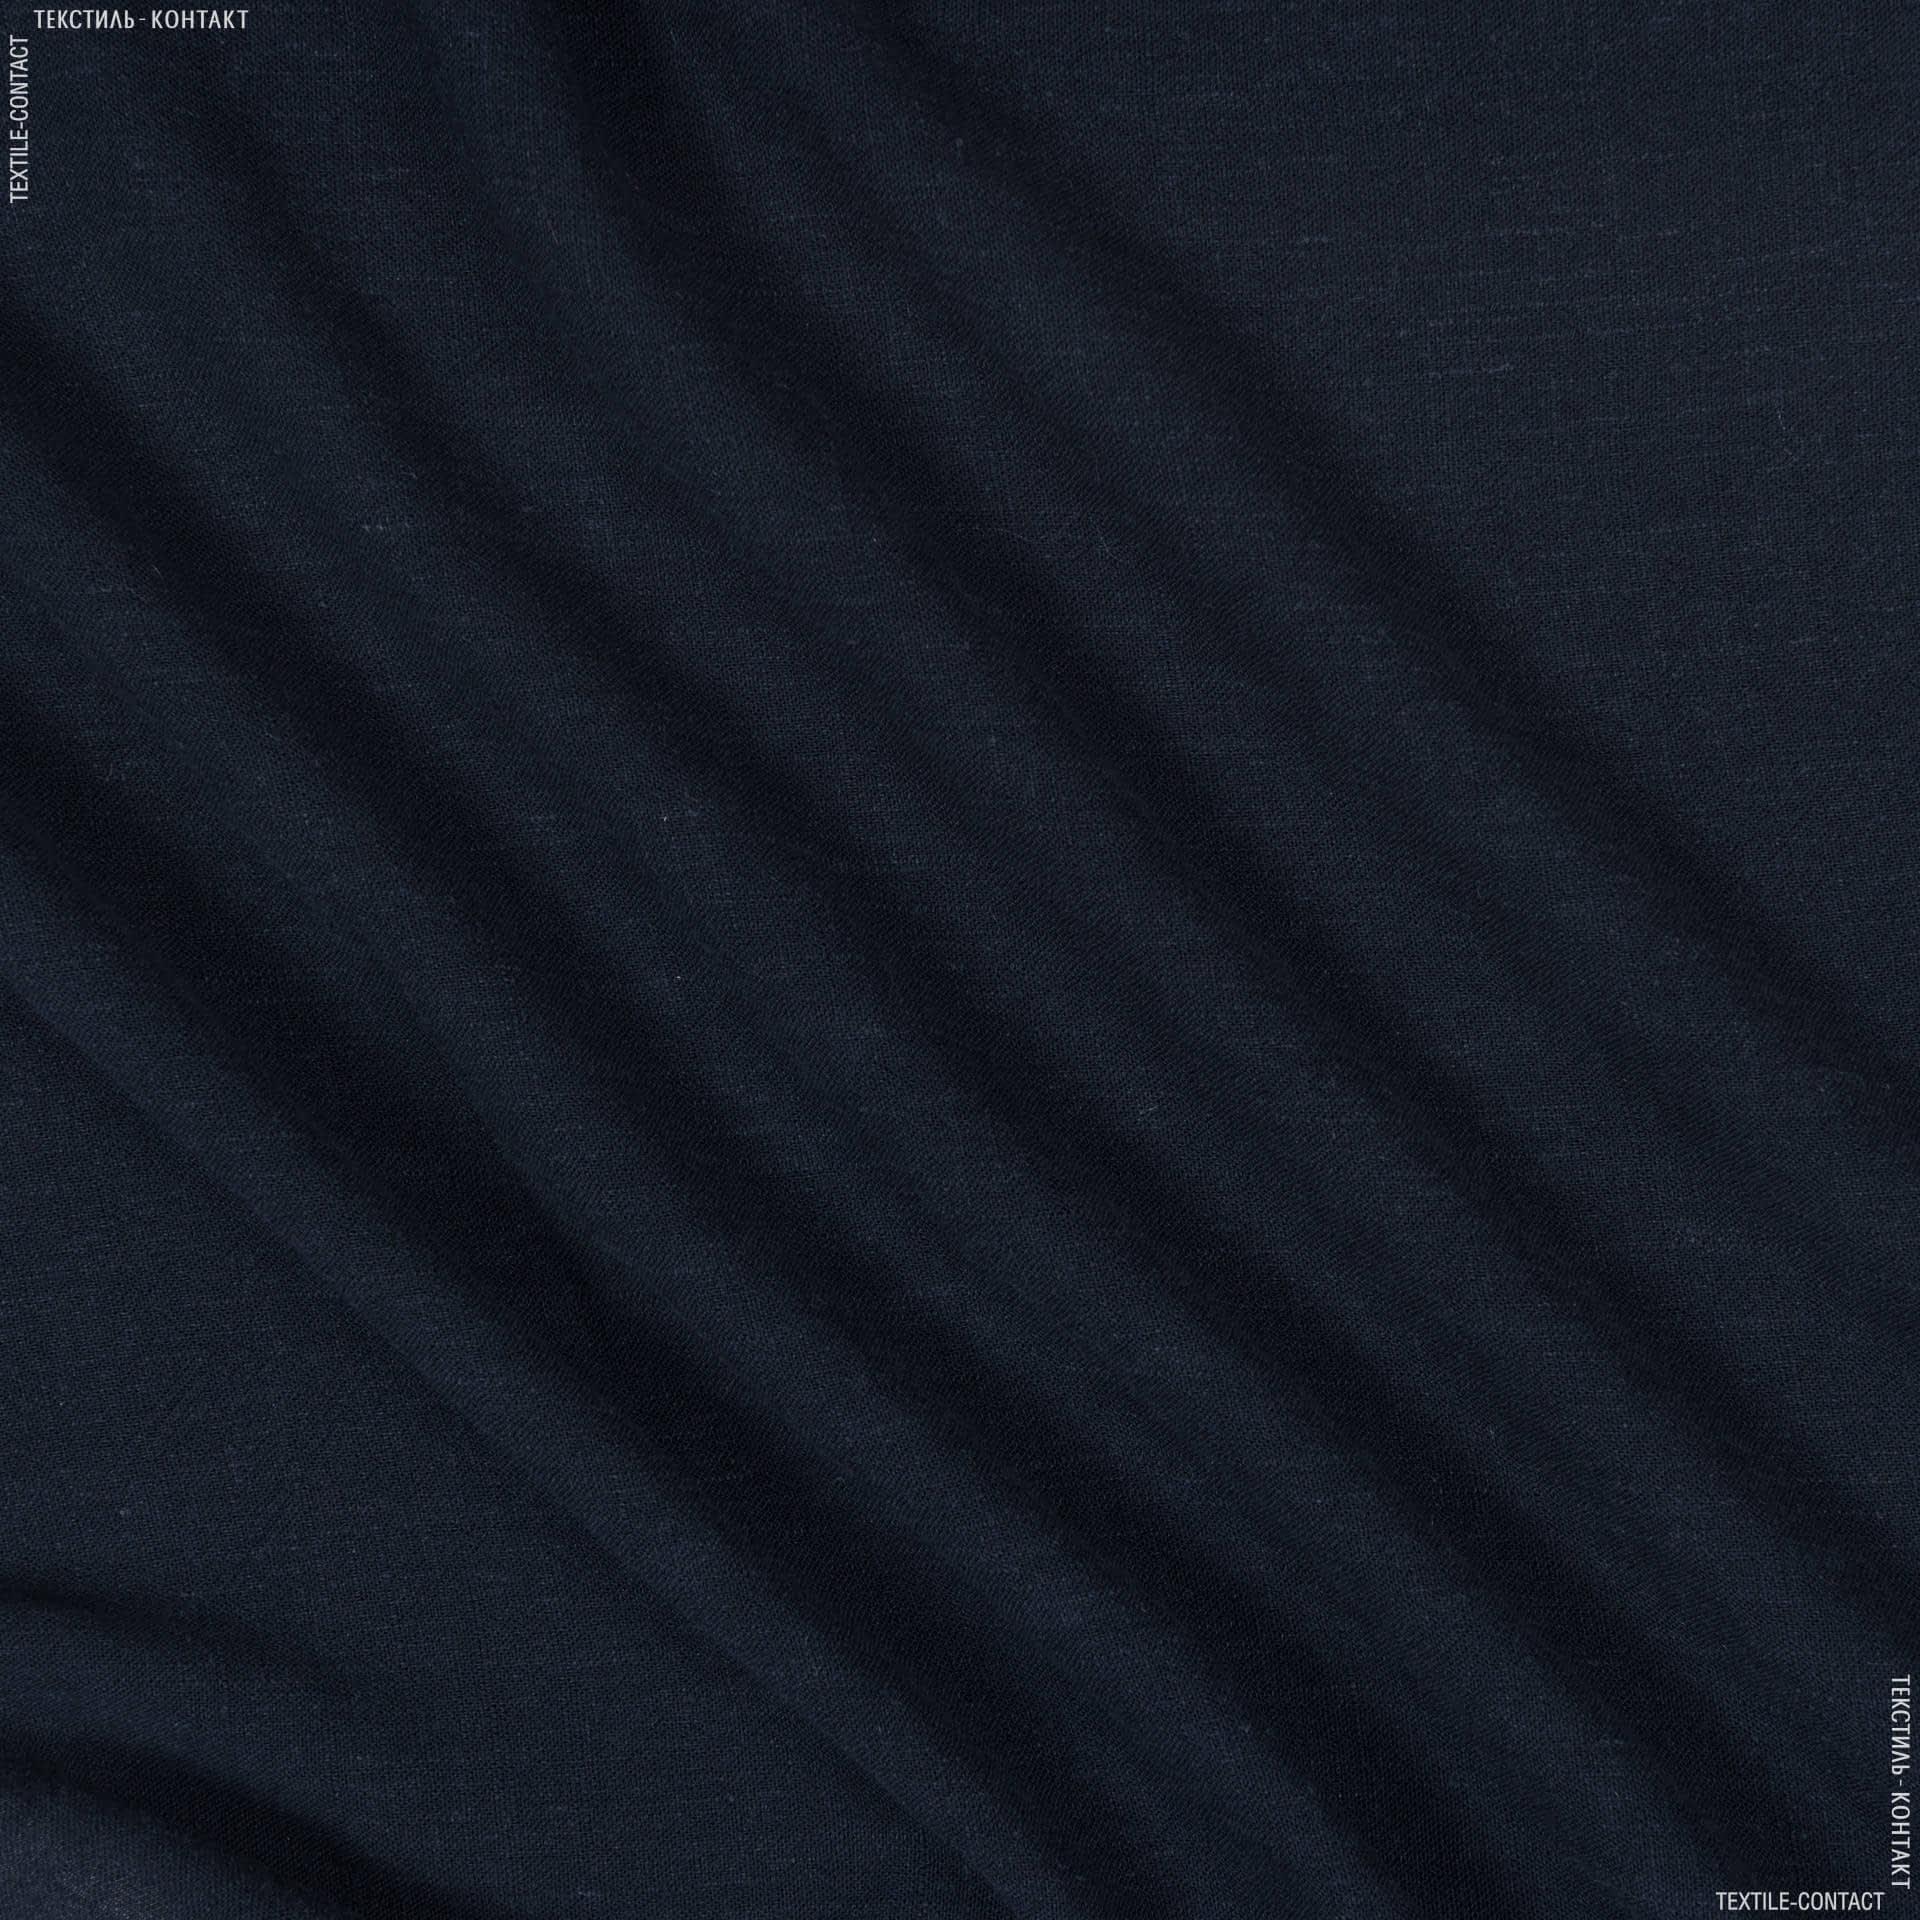 Тканини для штанів - Льон-котон темно-синій